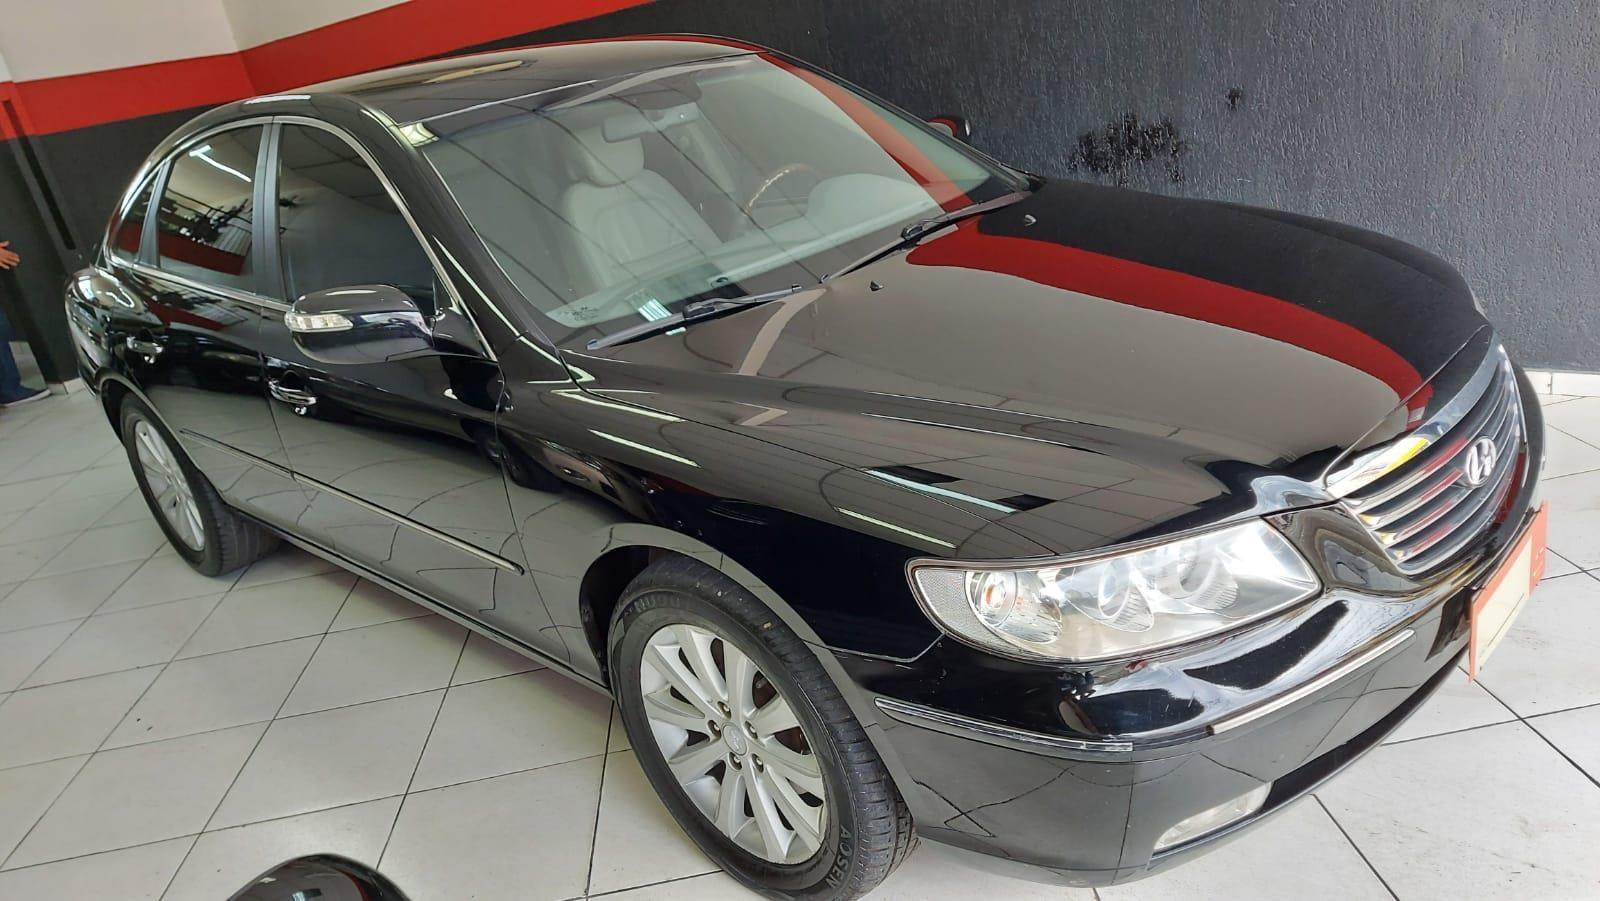 //www.autoline.com.br/carro/hyundai/azera-33-v6-24v-gasolina-4p-automatico/2009/sao-paulo-sp/15155857